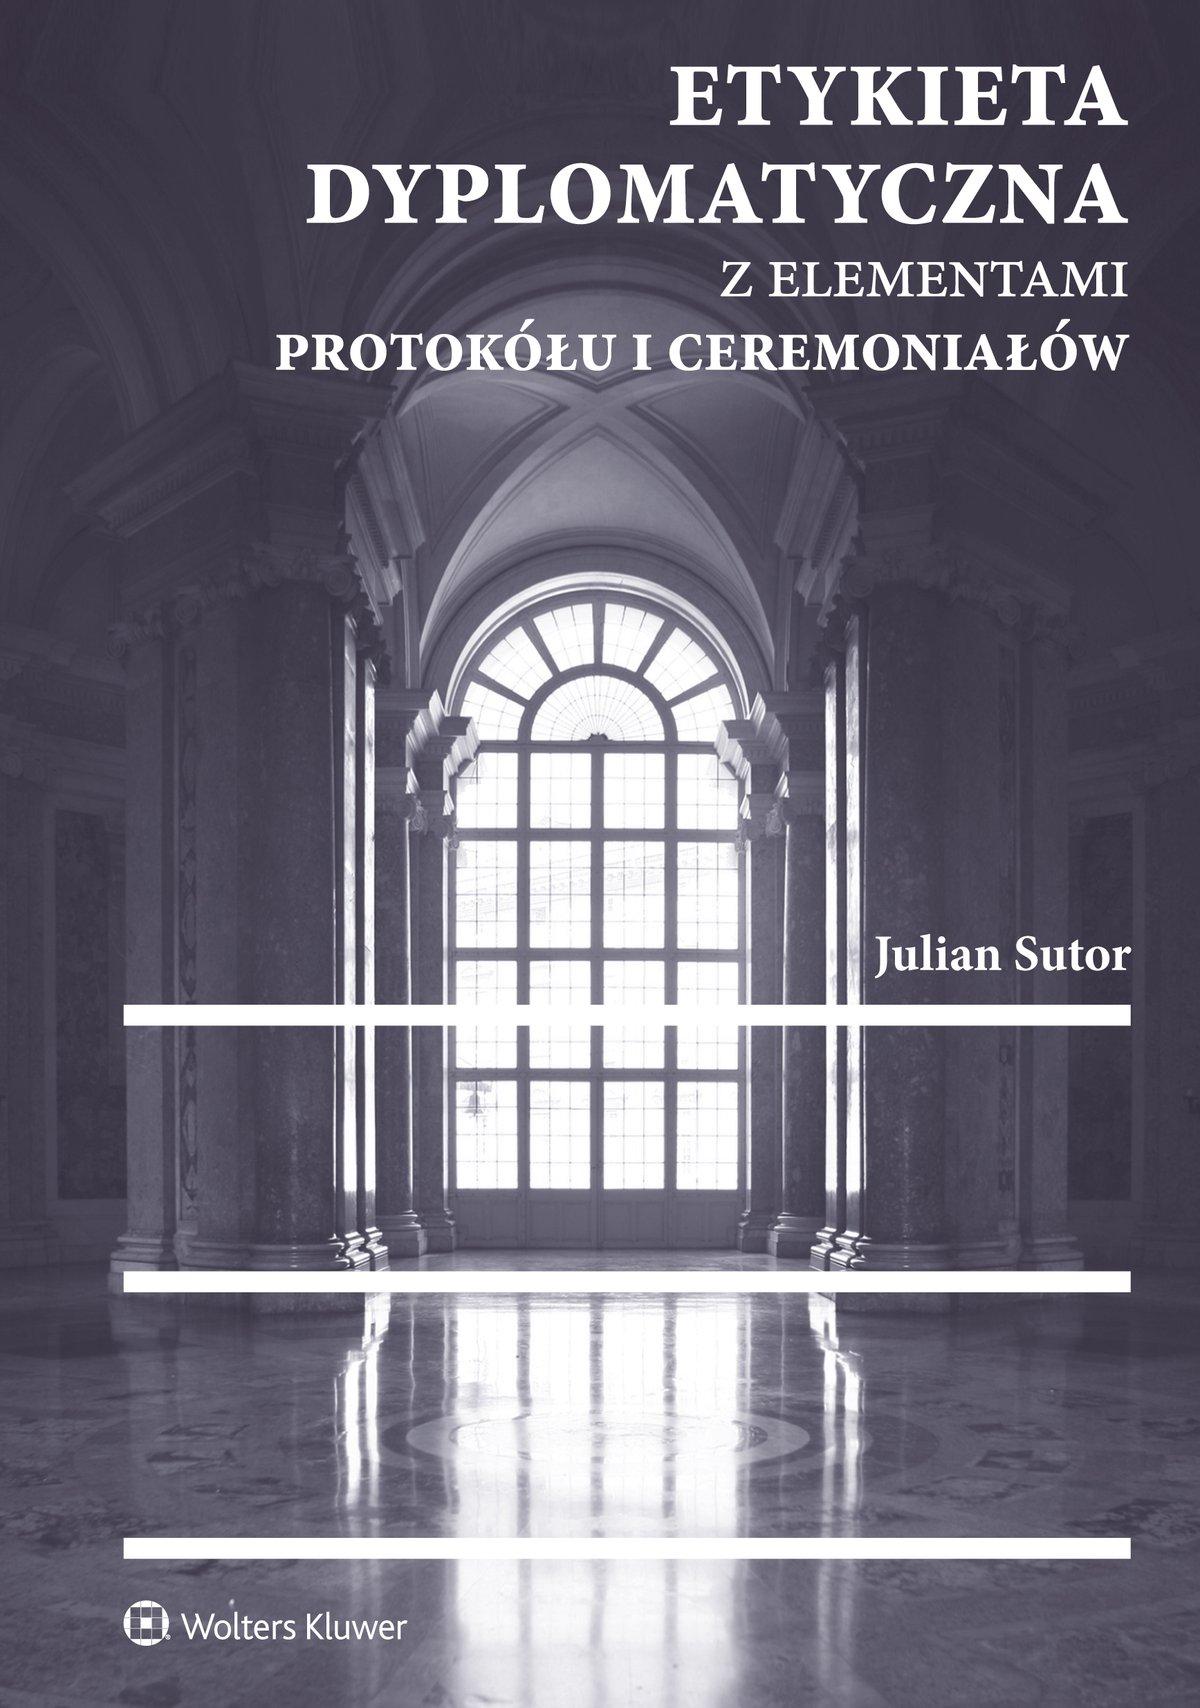 Etykieta dyplomatyczna z elementami protokółu i ceremoniałów - Ebook (Książka PDF) do pobrania w formacie PDF